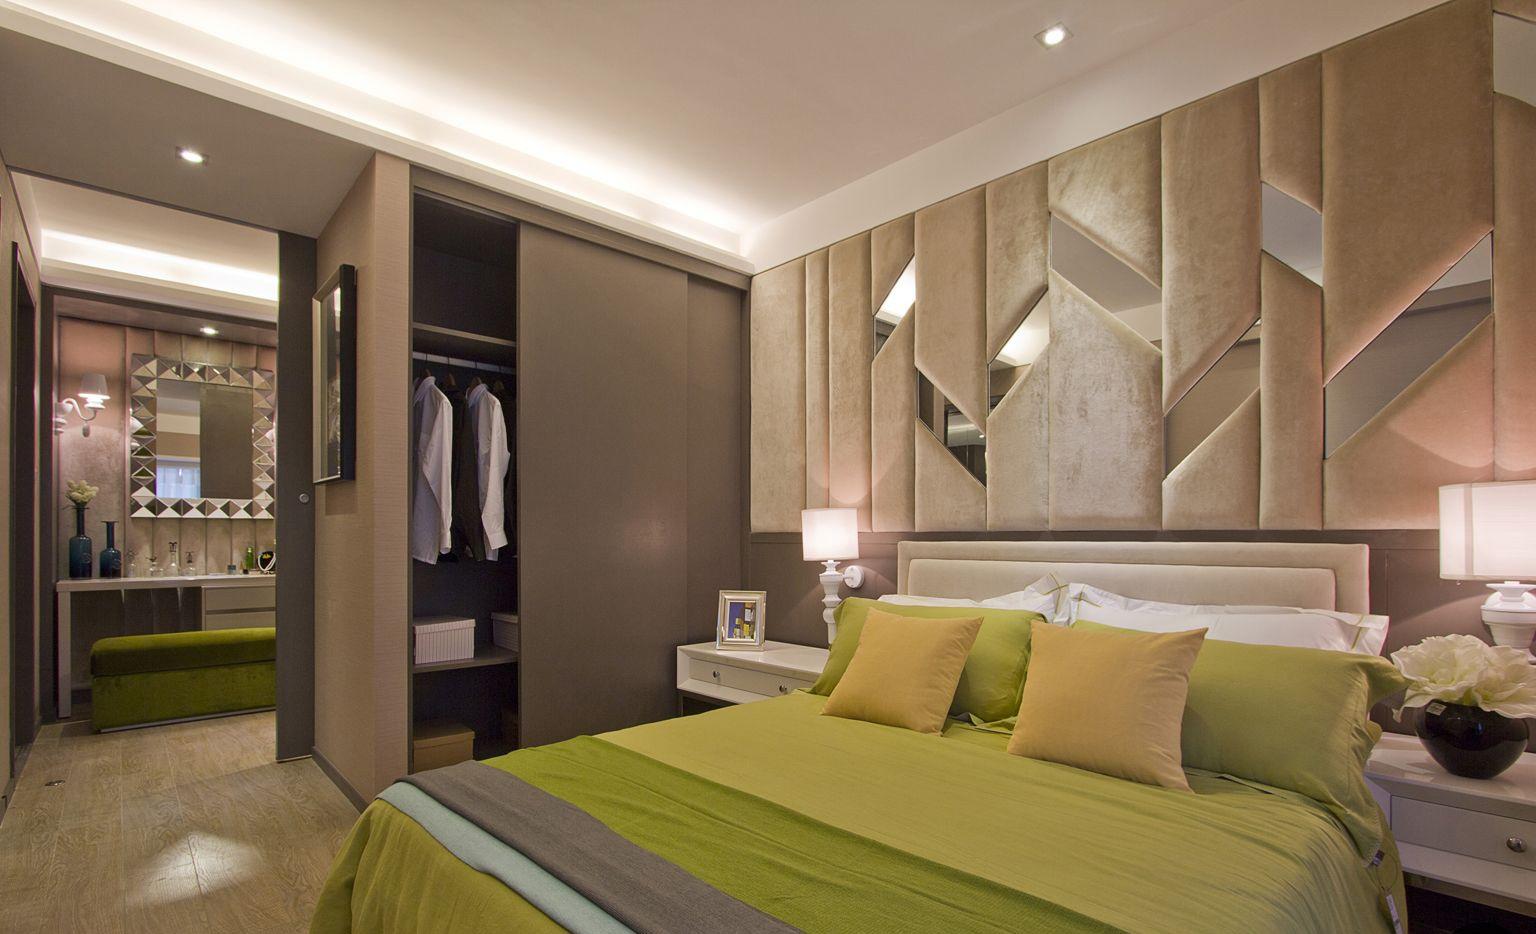 卧室中放置着清晰线条的简约绿色大床,床头的背景墙则是以浅色软包为装饰,简约自然